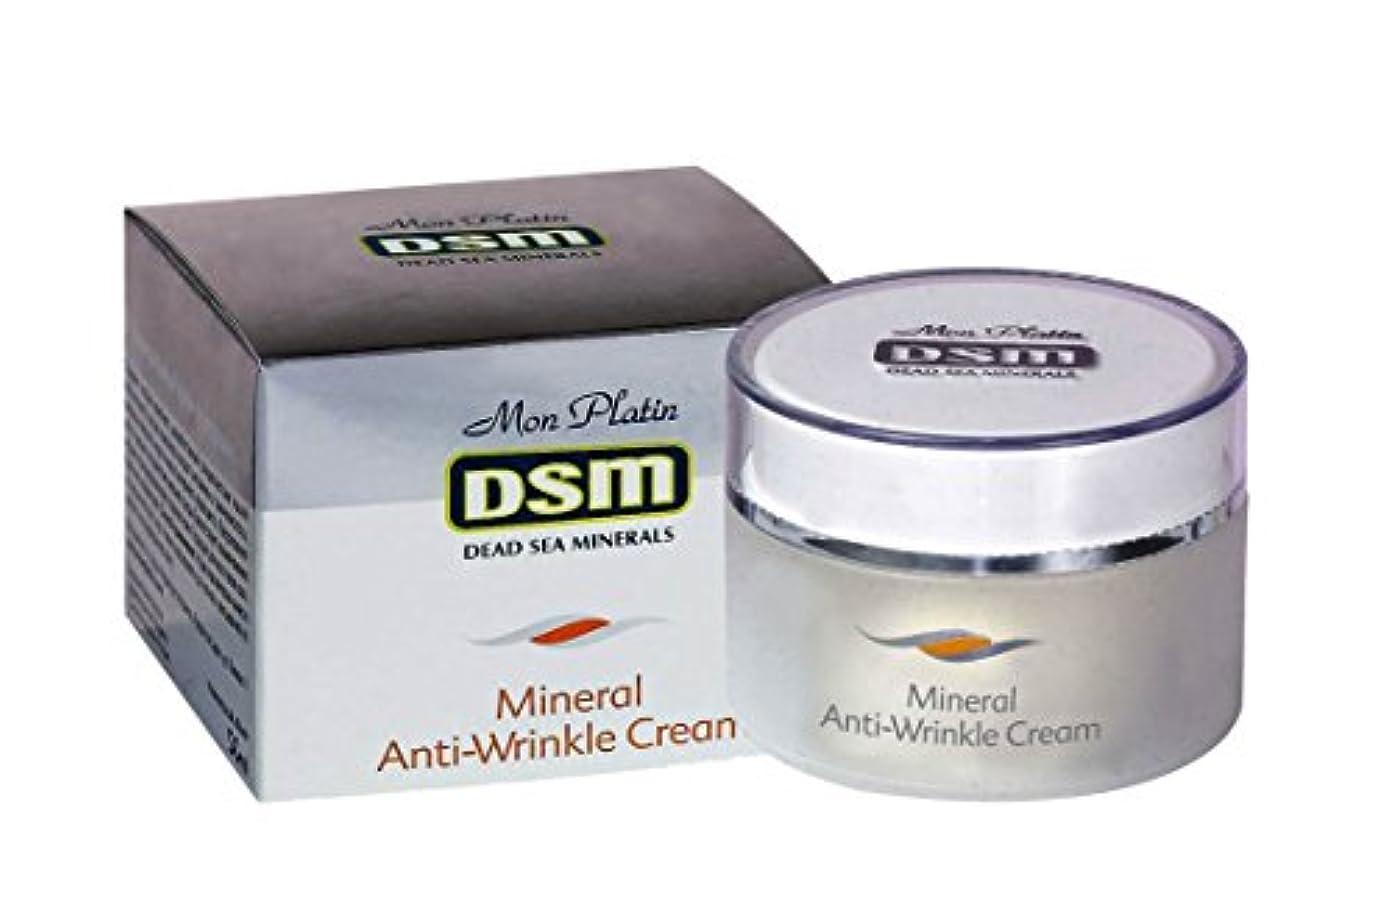 有限納屋太鼓腹純正イスラエル製しわ取り顔クリーム死海産 50mL (Anti-Wrinkle Cream)